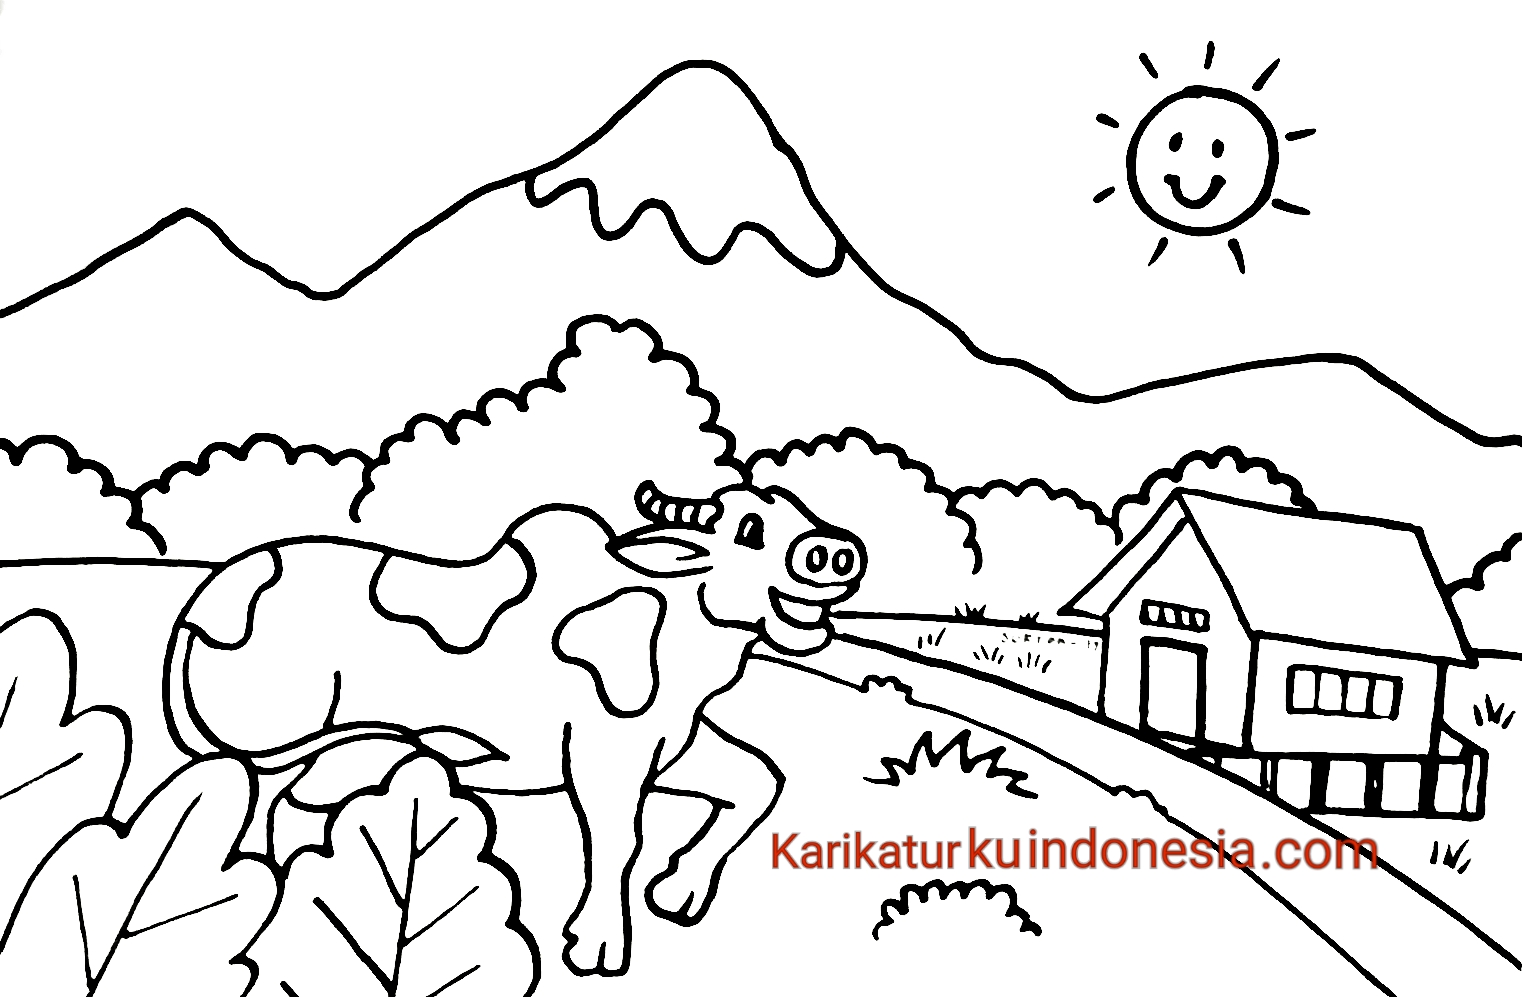 Karikaturku Indonesia Mewarnai Pemandangan Alam Gunung Dan Hewan